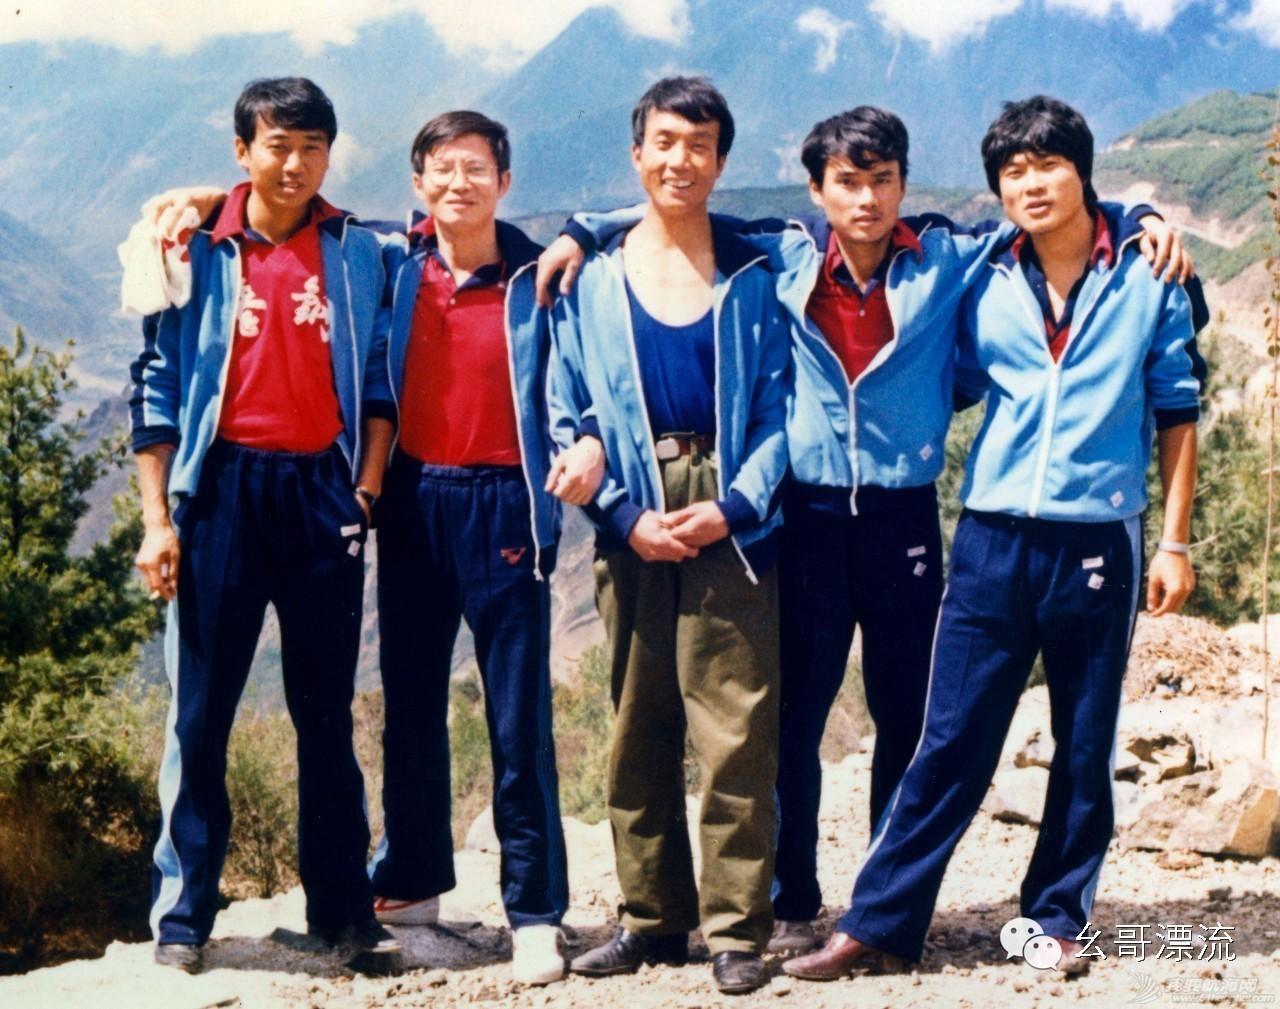 1986年长江漂流发起及经过 a2b460d043fda5c73bcb147828543028.jpg